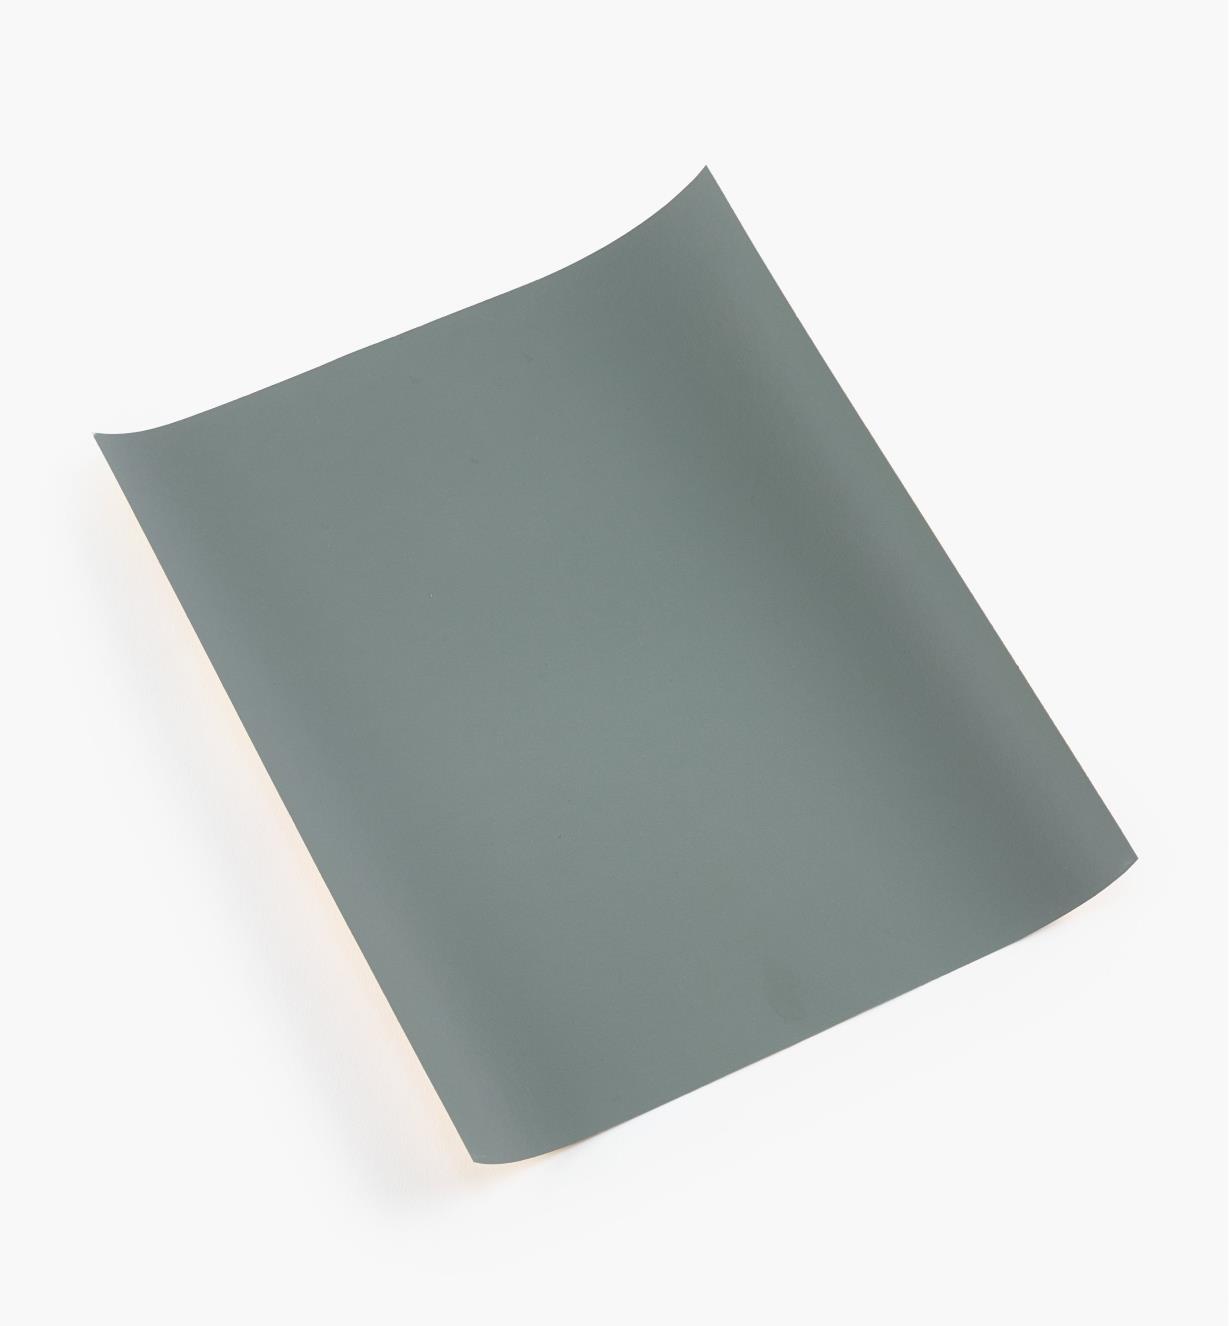 54K8106 - 3M Wet/Dry Sandpaper, 1500A (3µ)